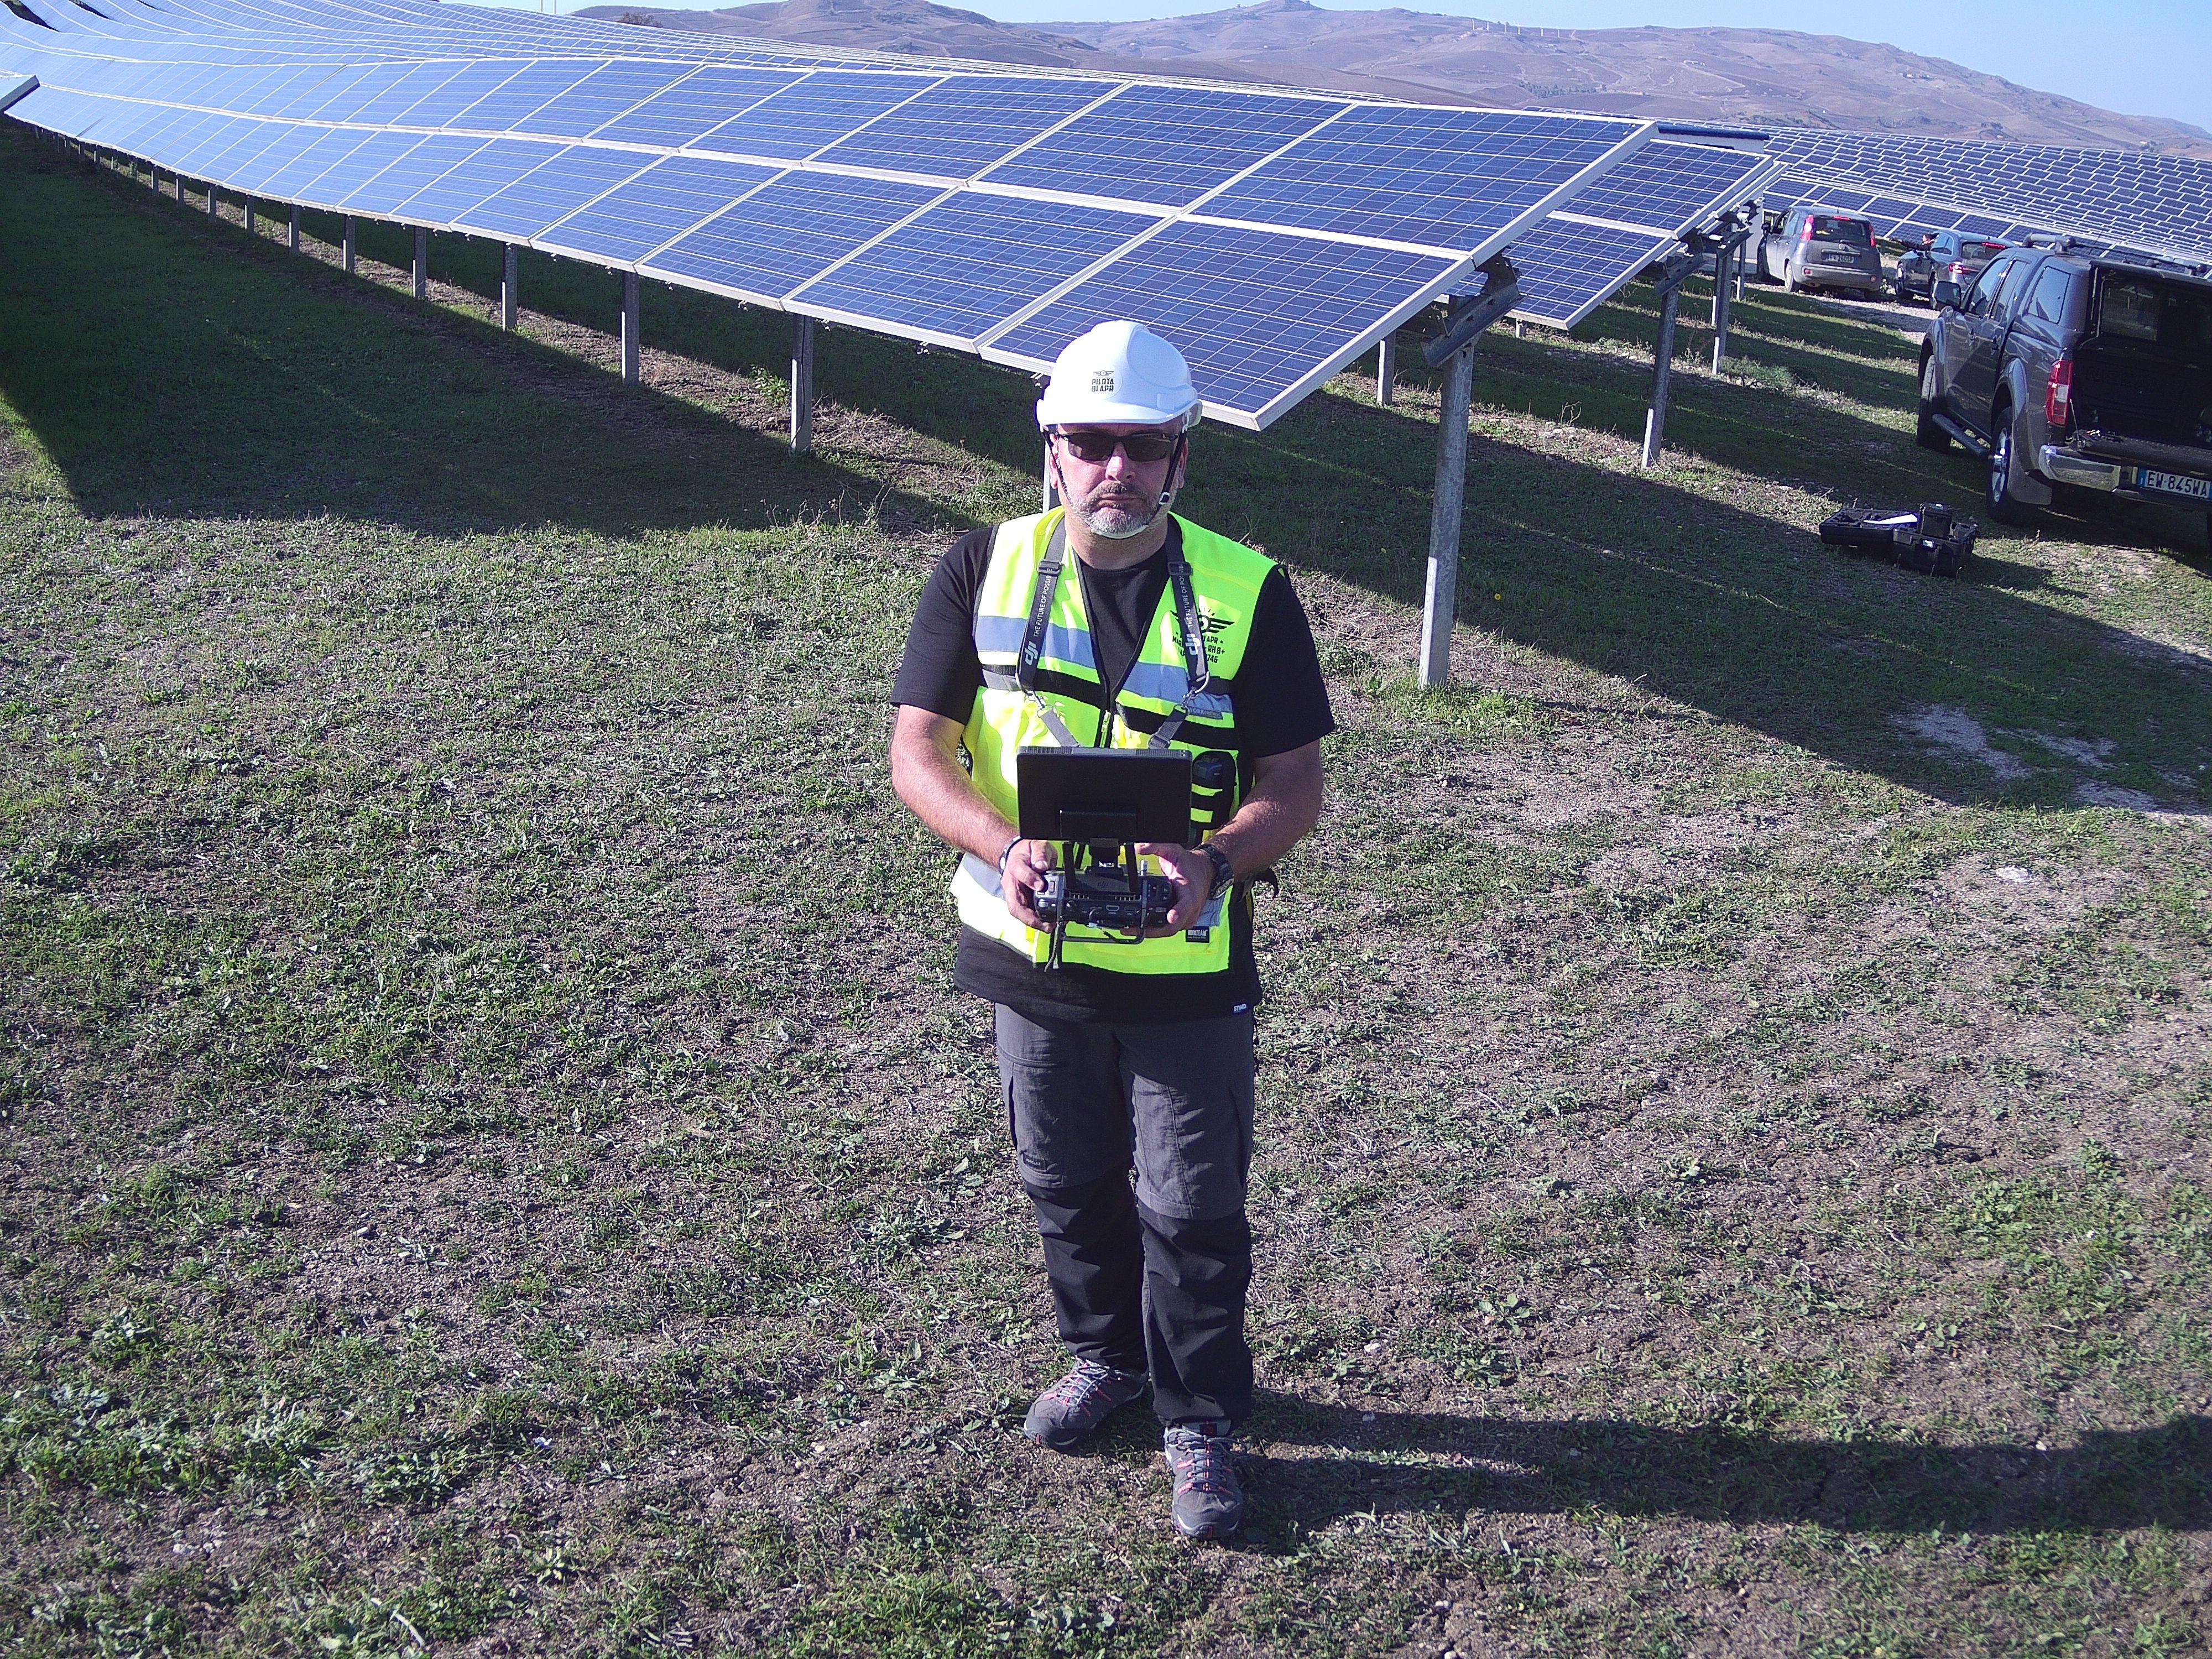 Rilievi termografici su campi fotovoltaici